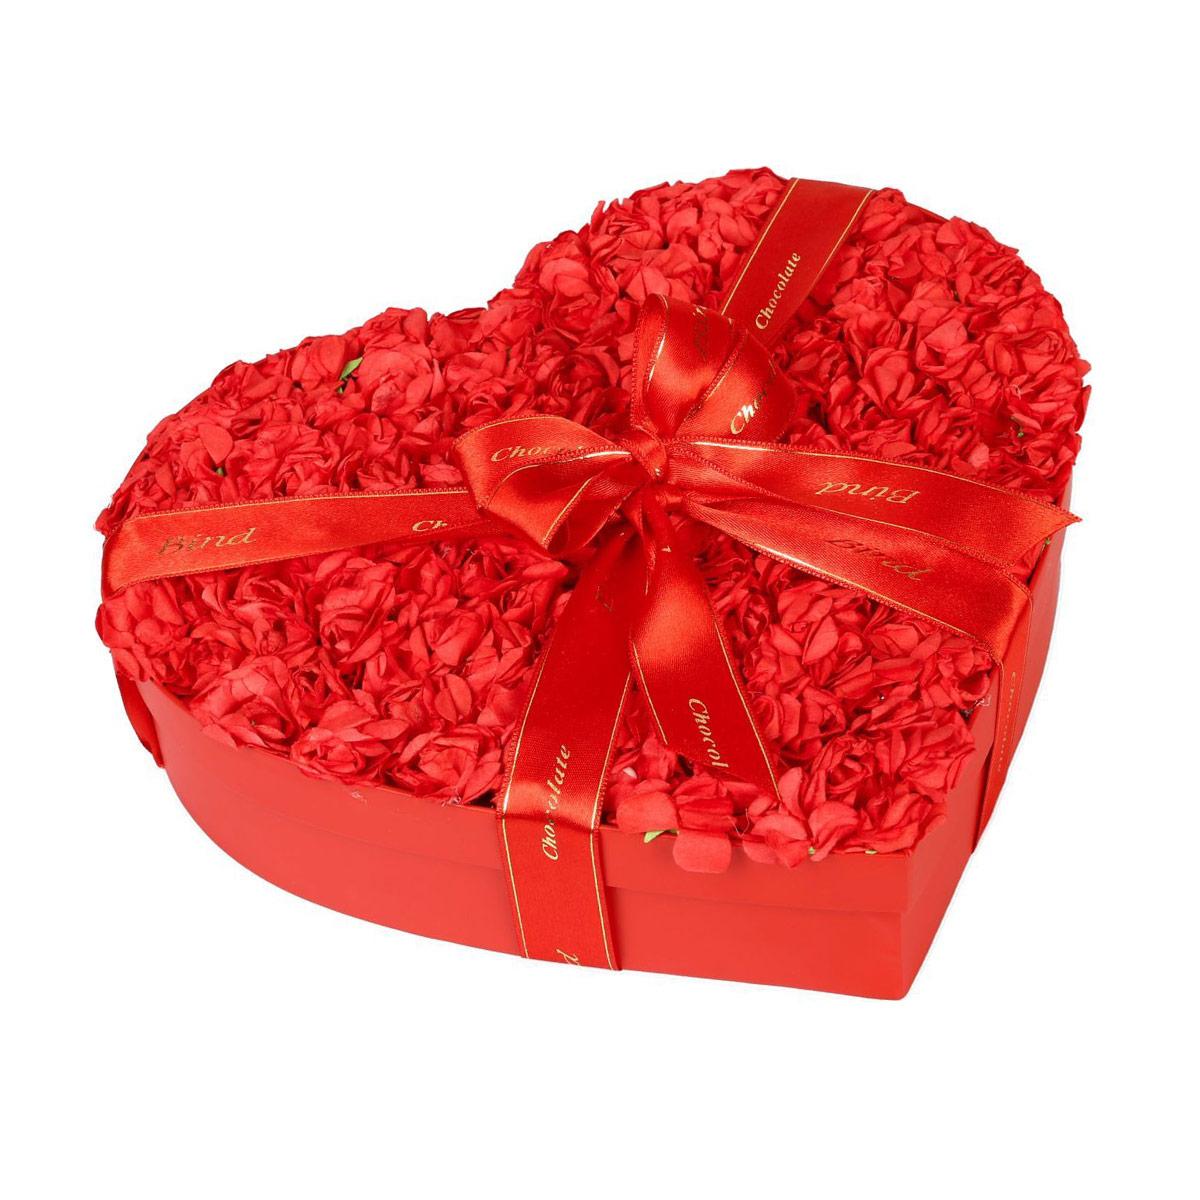 Bind Сердце - набор шоколадных конфет